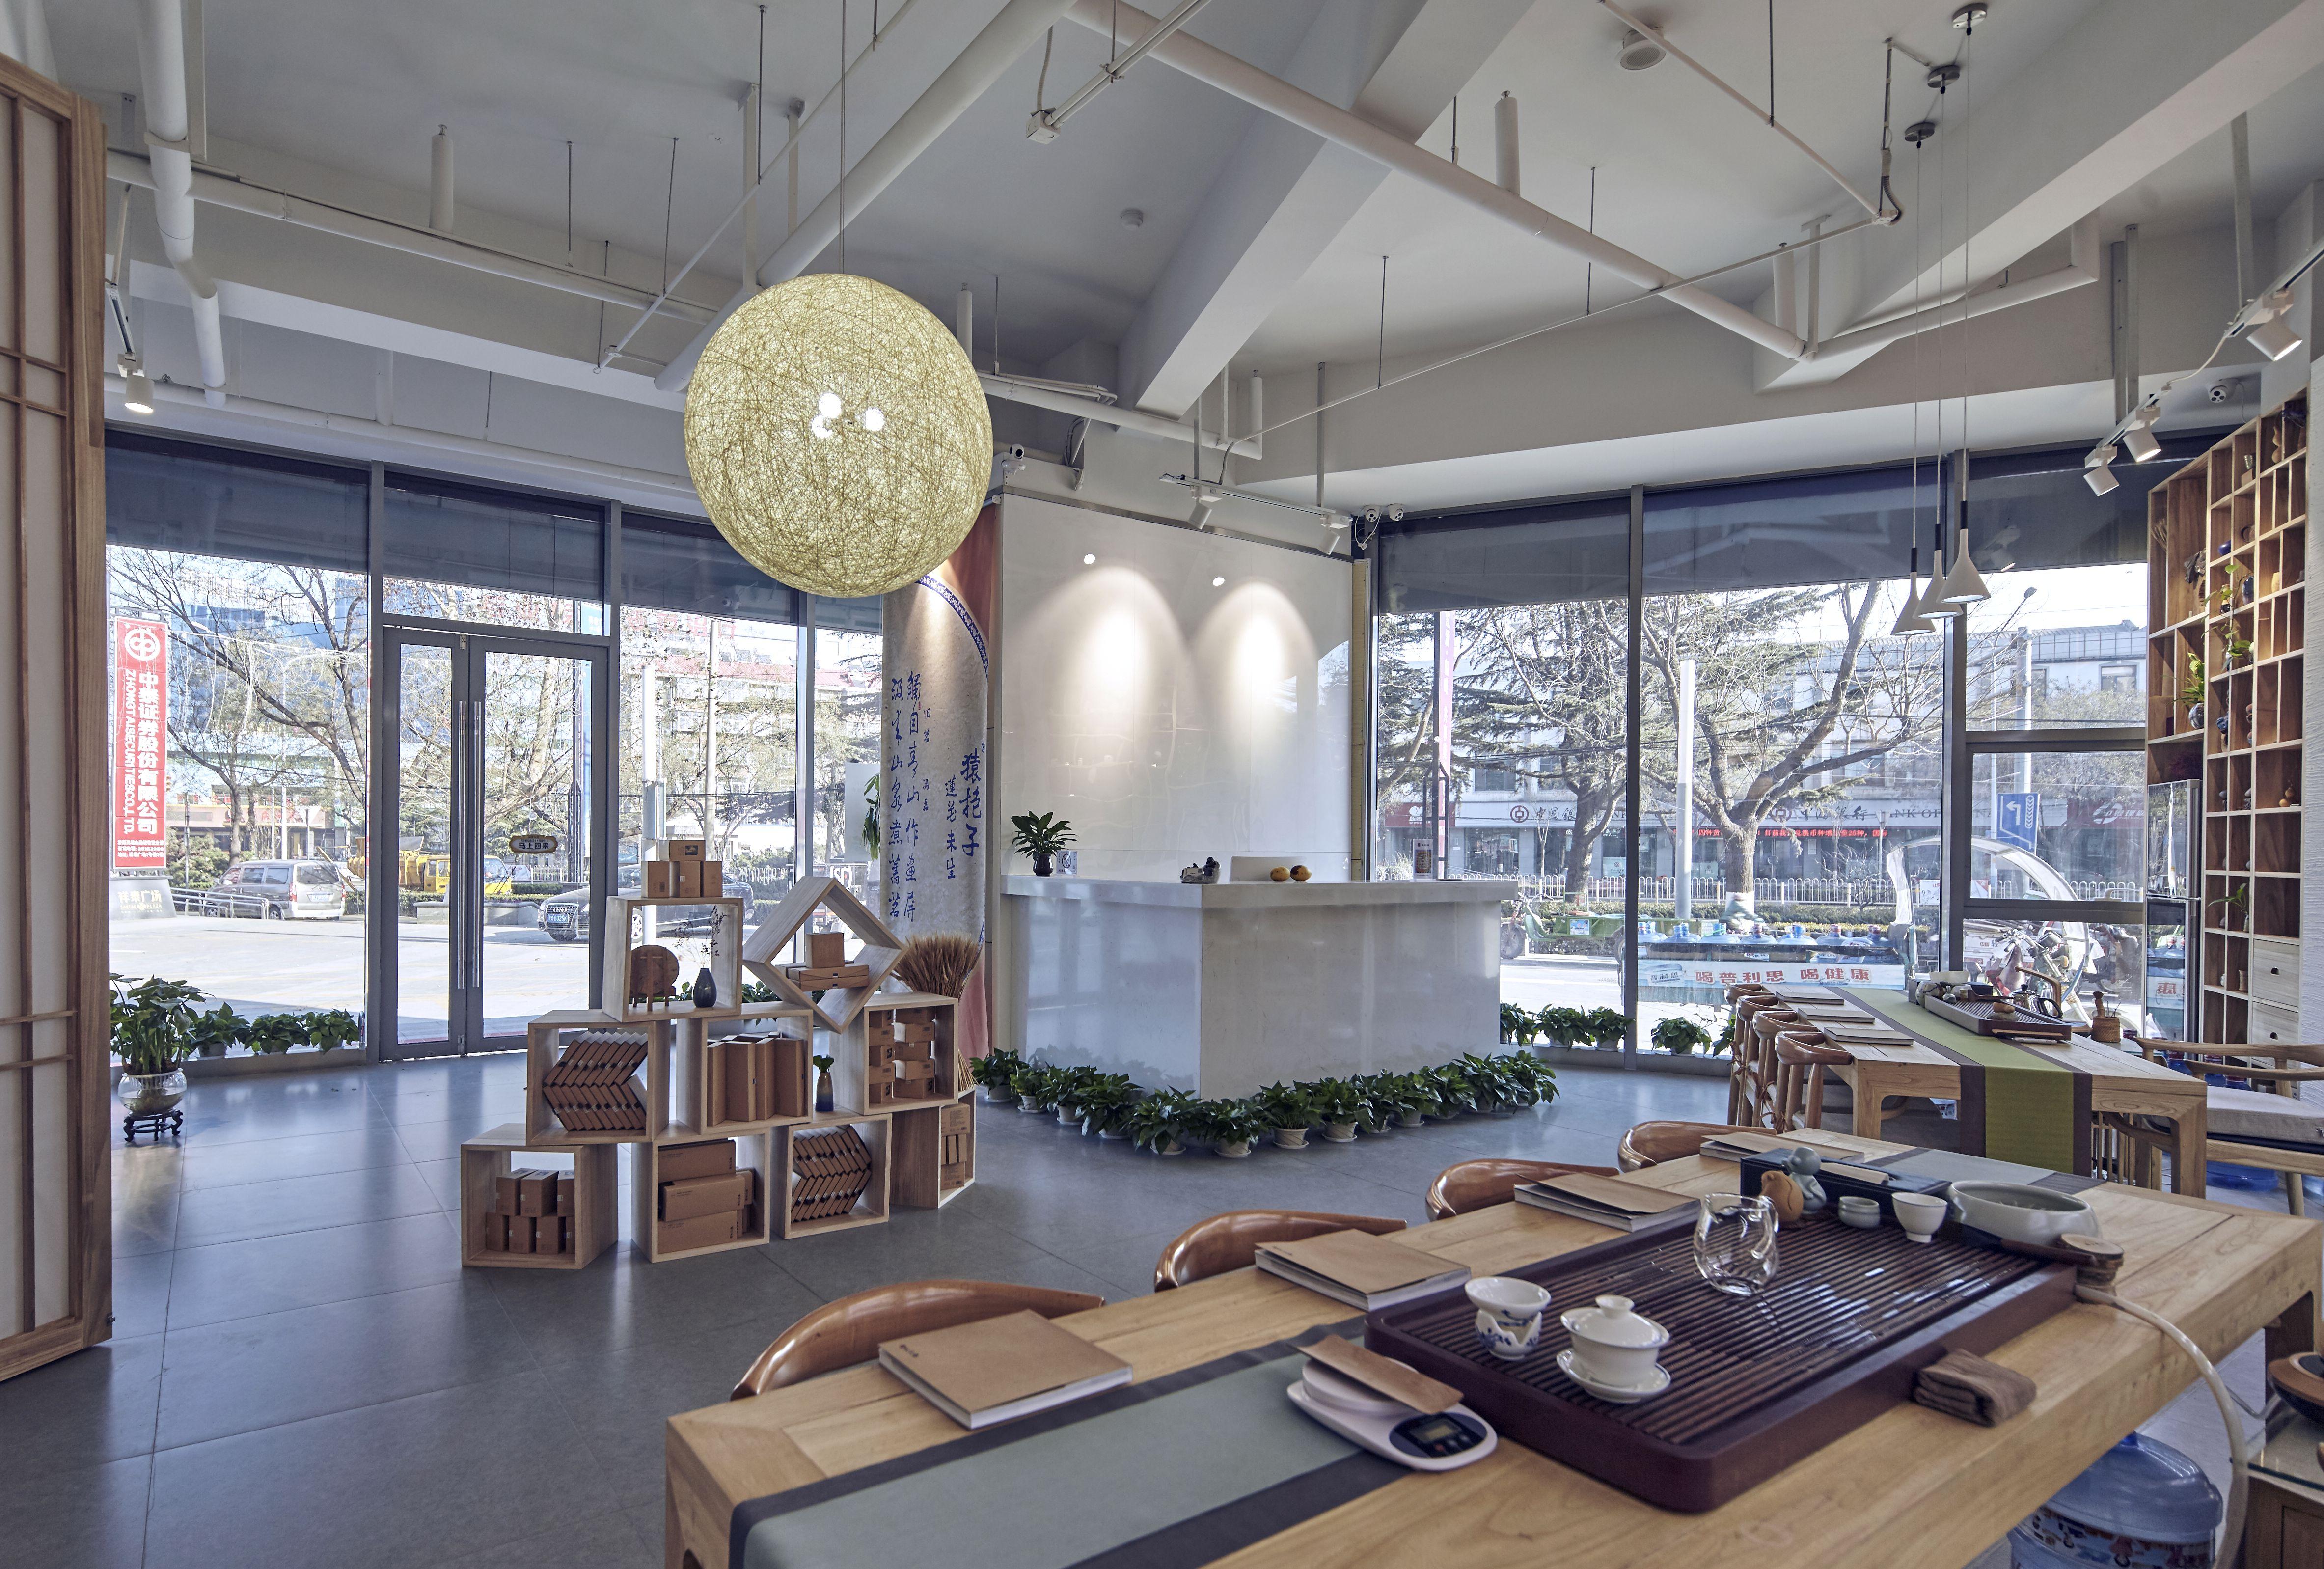 和垚商业空间设计新中式风格设计-茶魂